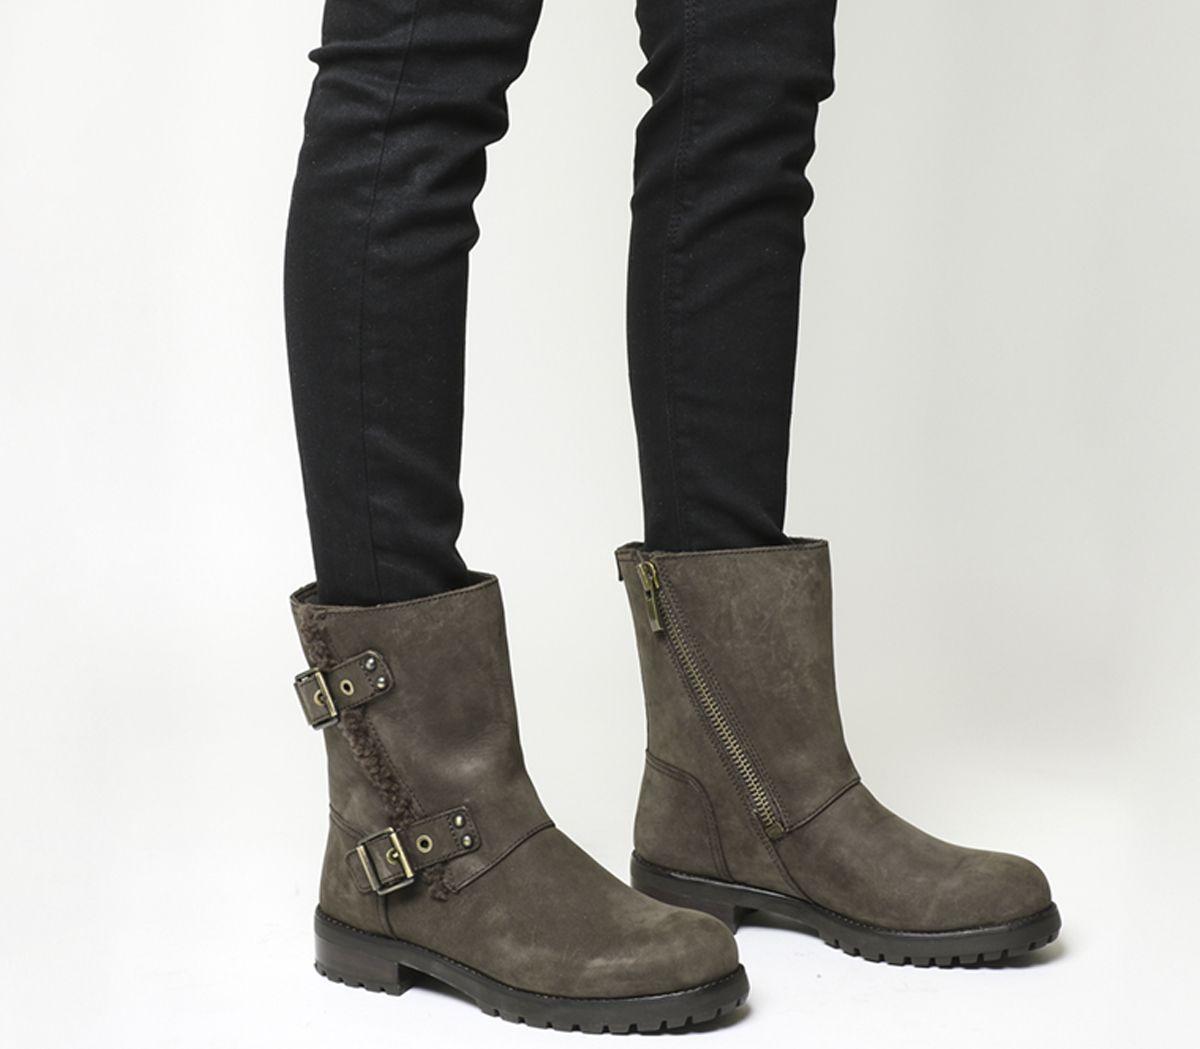 1a19ce7ce67 Niels Biker Boots